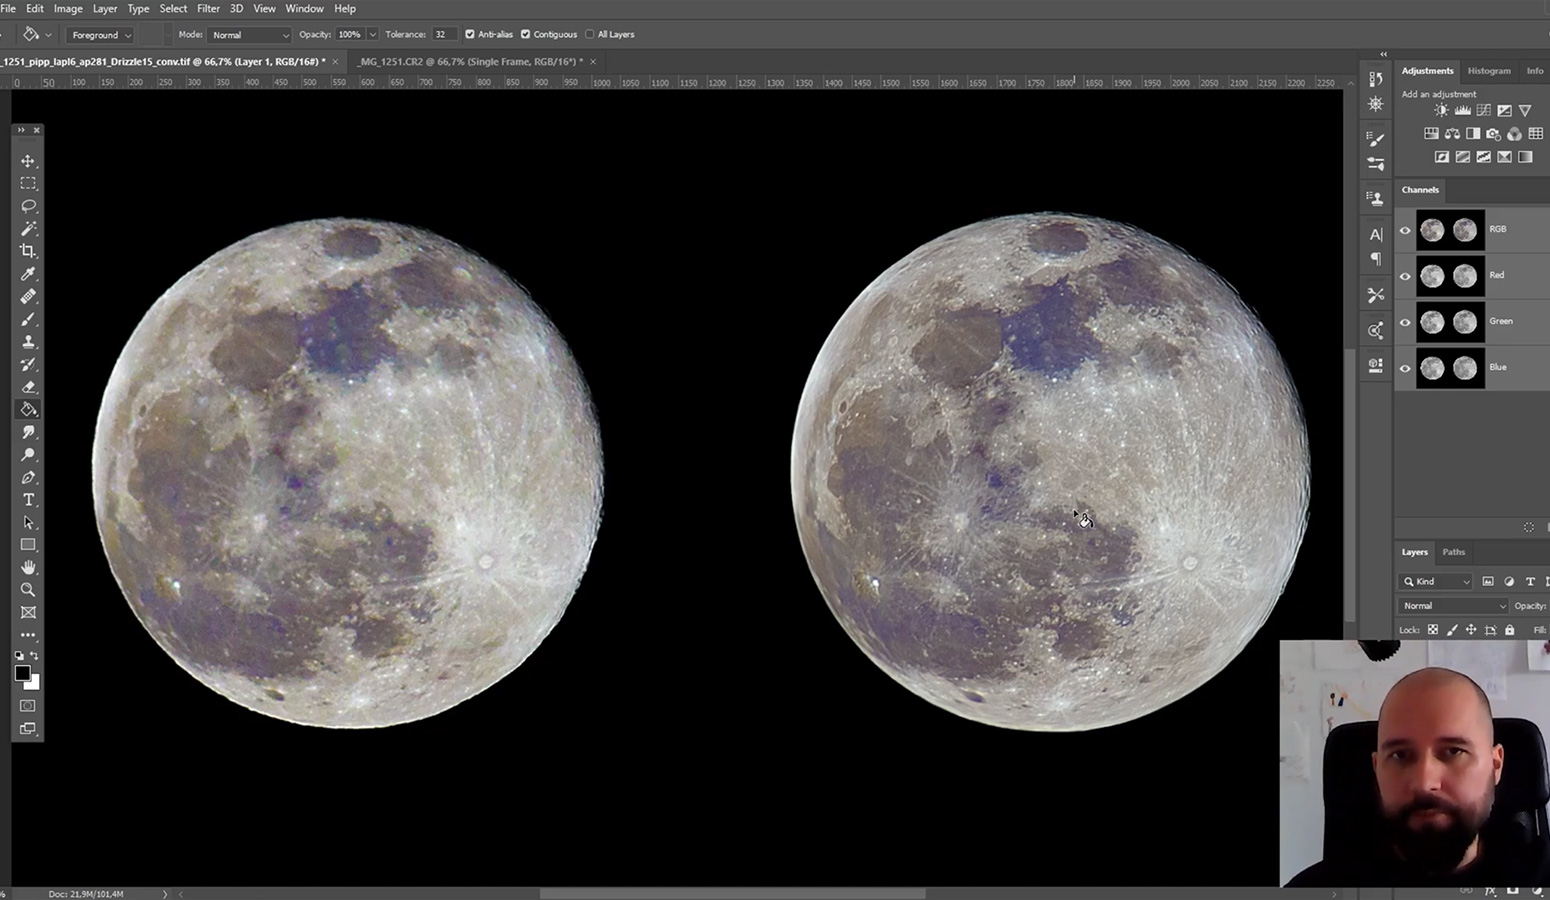 Praktična astronomija – Obrada fotografija Mjeseca